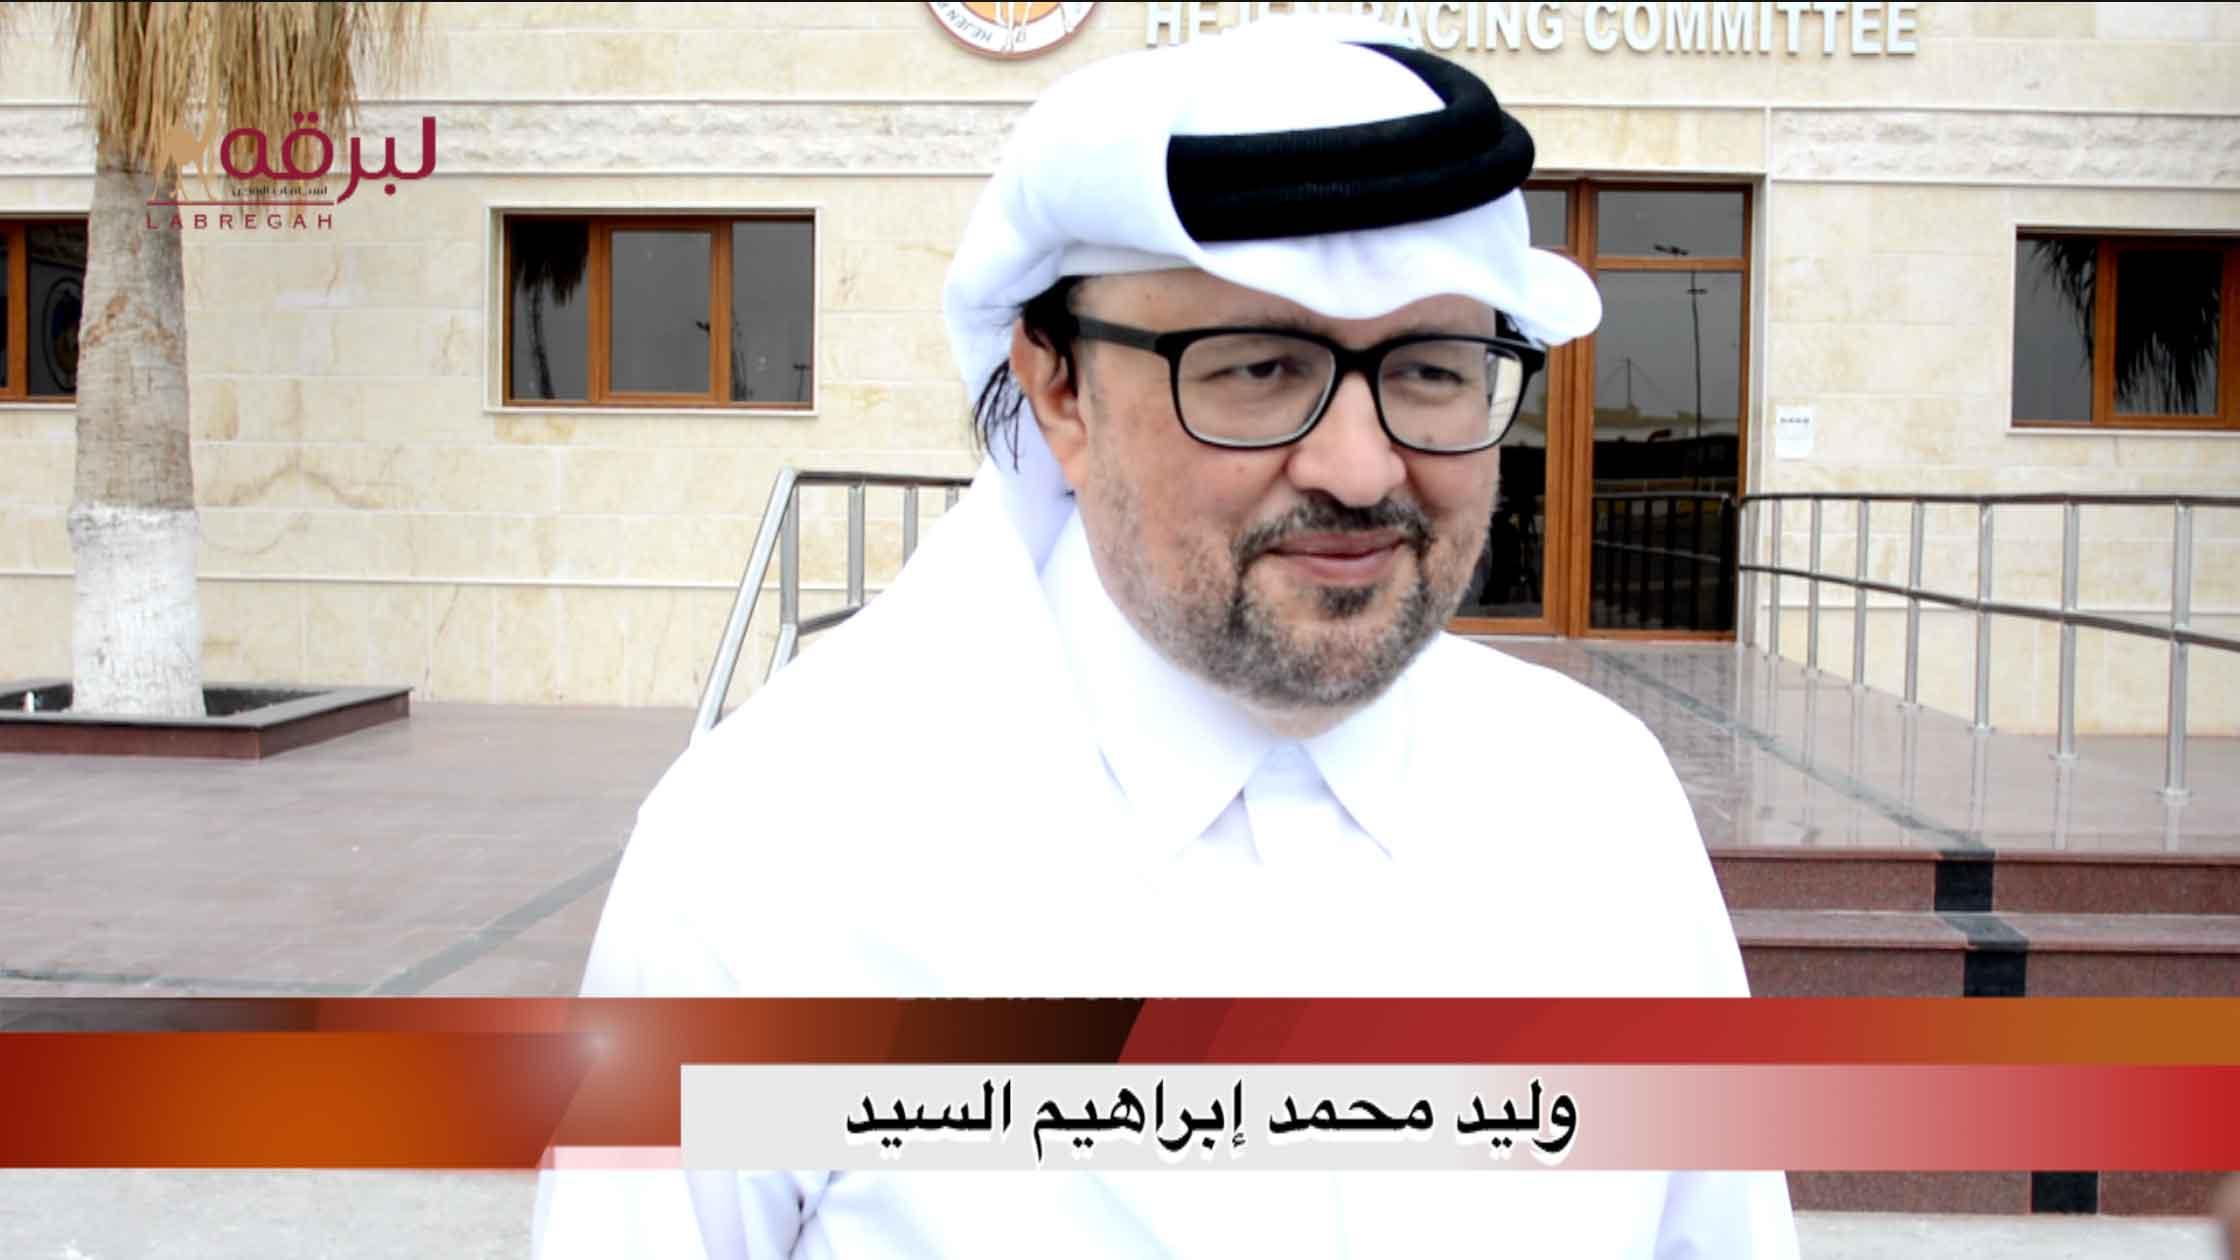 لقاء مع وليد محمد إبراهيم السيد.. الخنجر الفضي للحقايق قعدان « إنتاج » الأشواط العامة  ٢٩-١١-٢٠٢٠